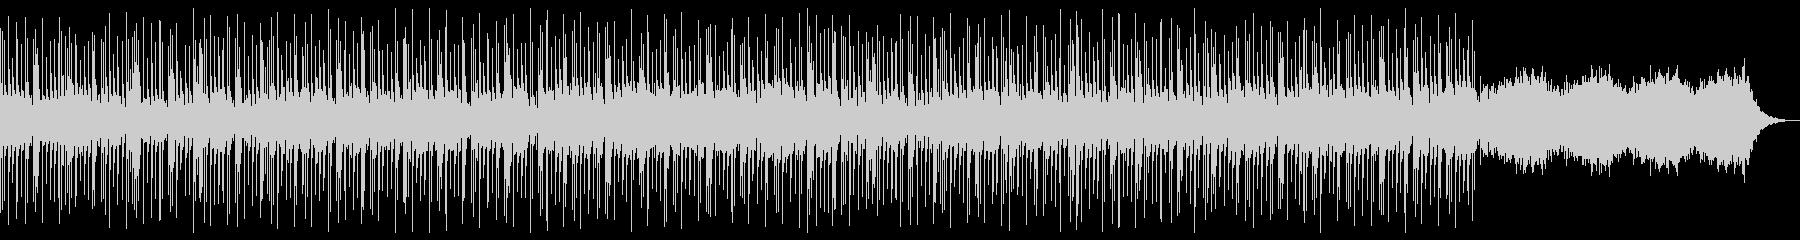 No rhythm version's unreproduced waveform